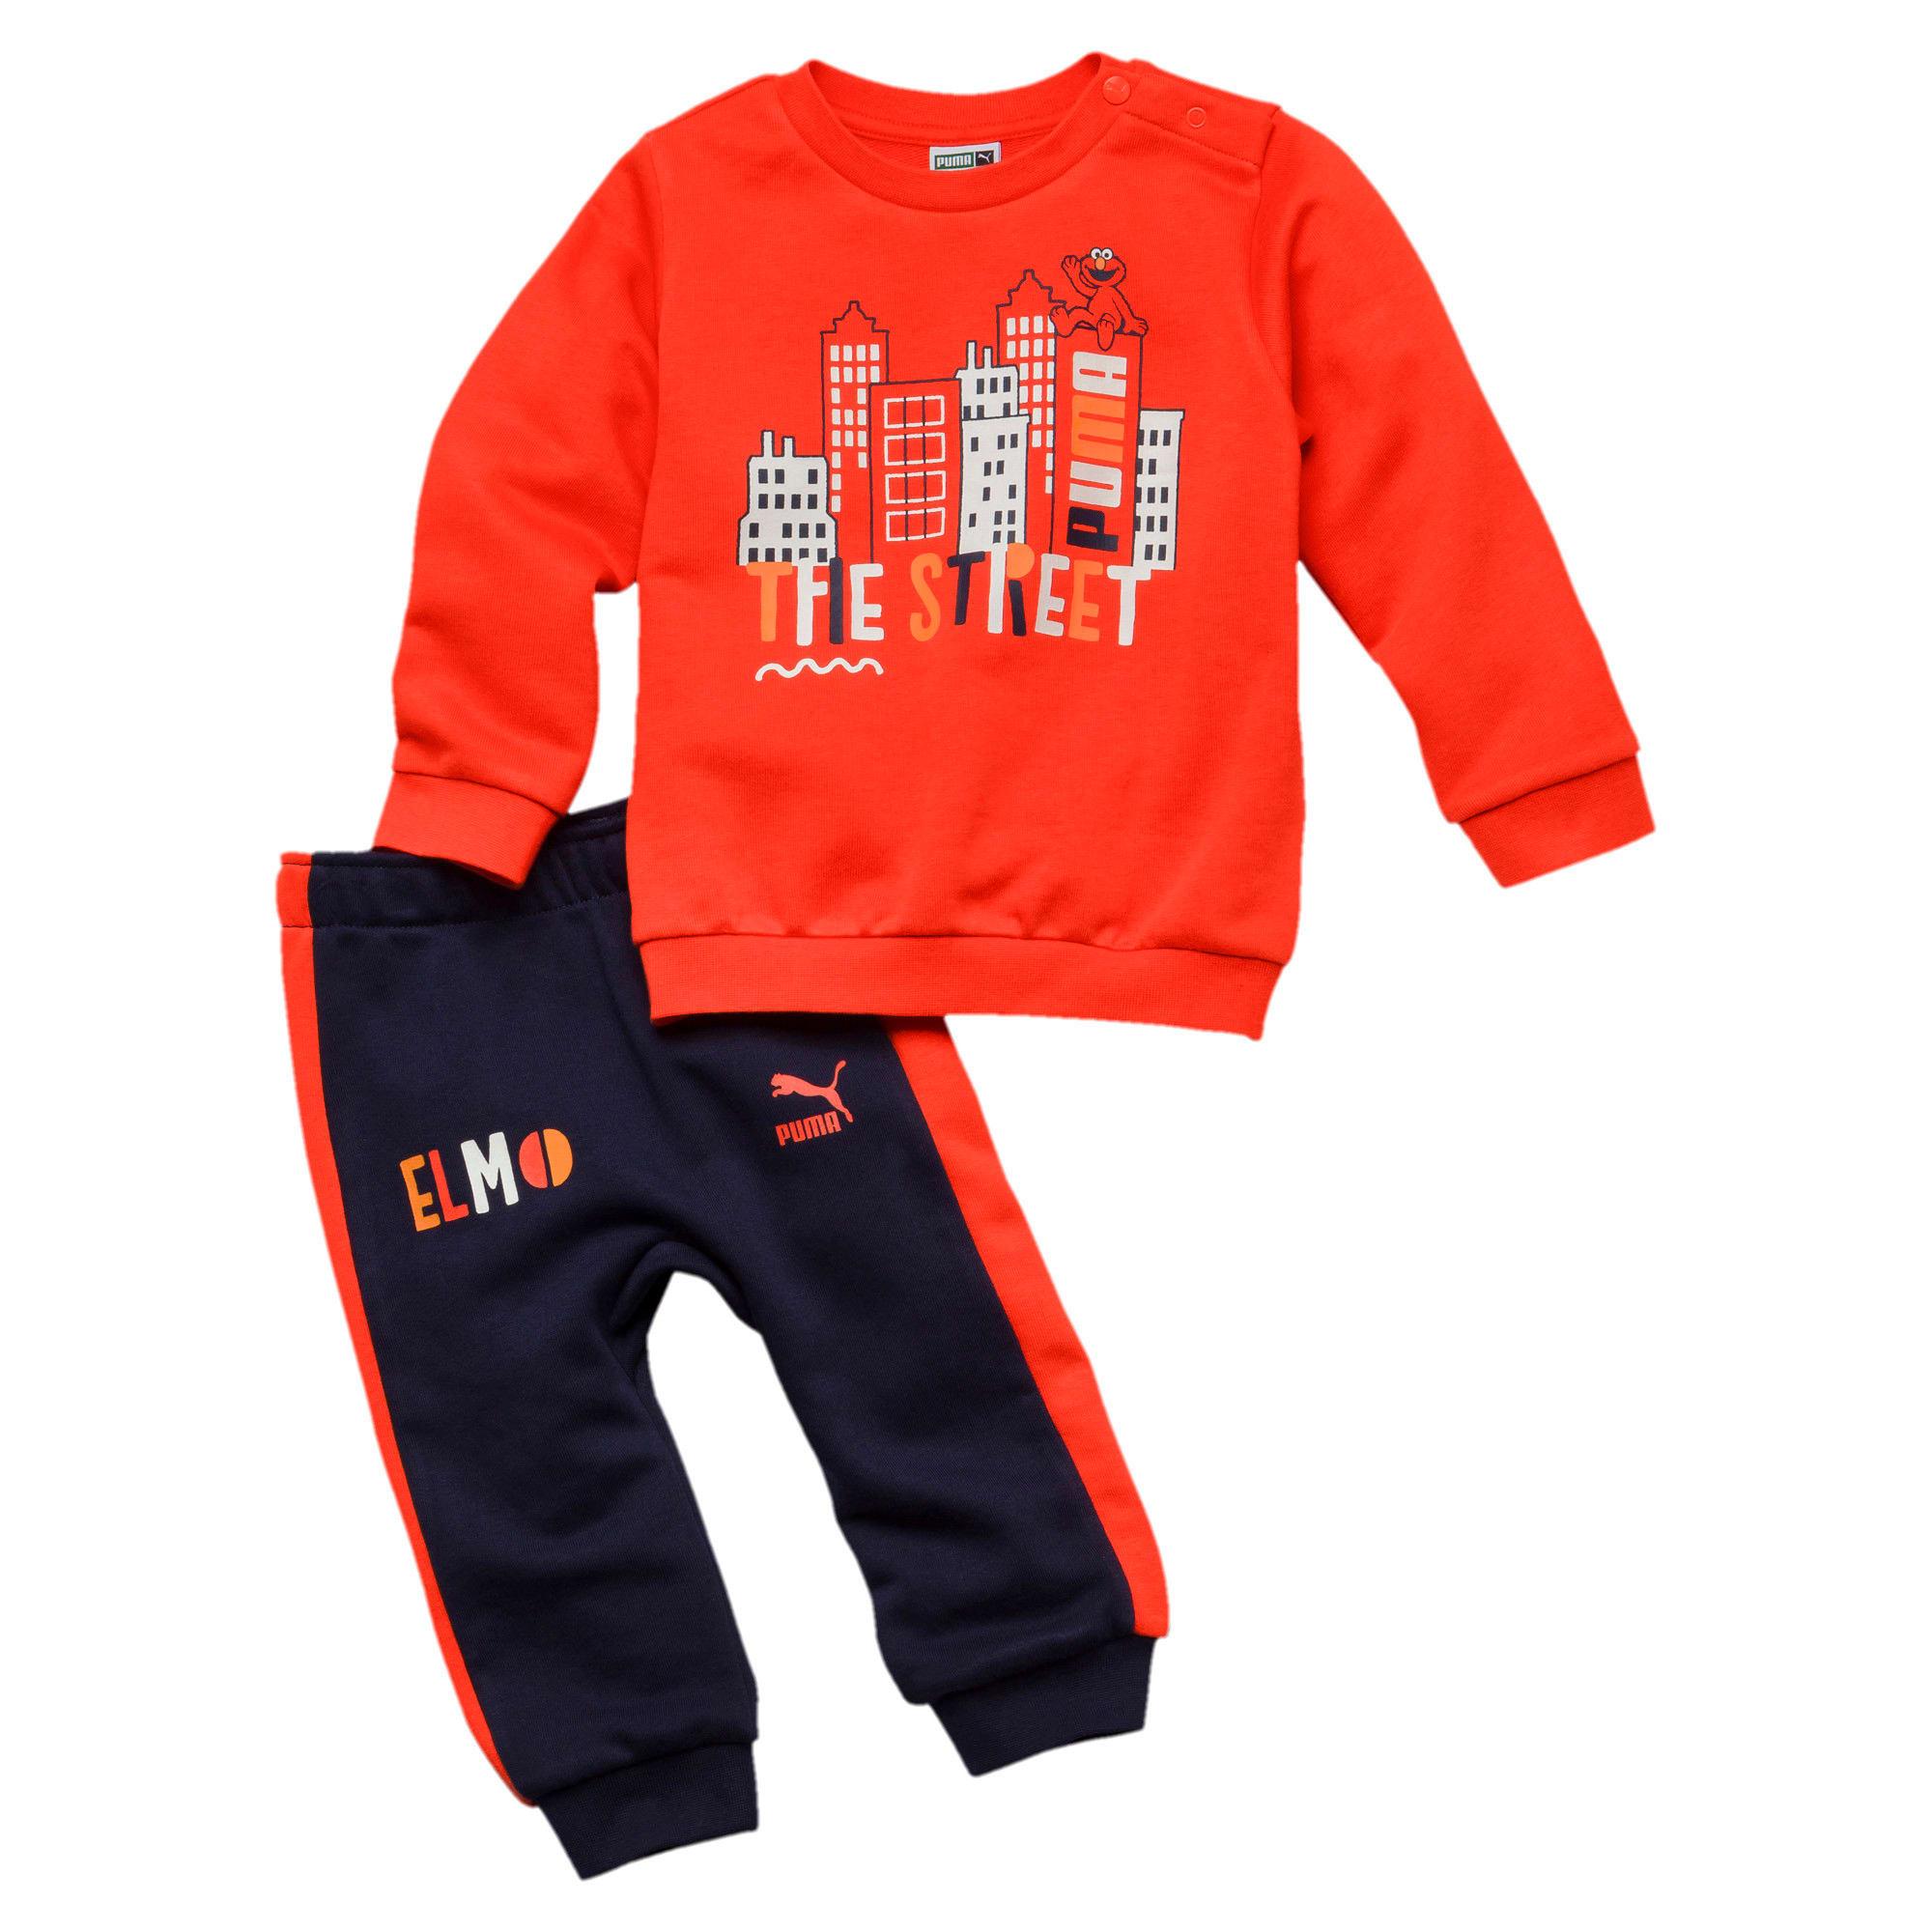 Sesame Street Babies' Jogger, Oranje, Maat 68 | PUMA